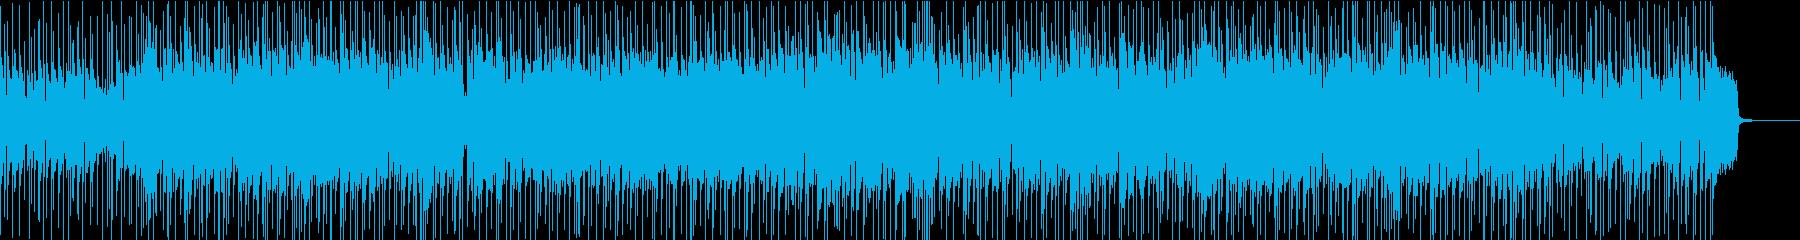 アニメソング風の明るいポップロックの再生済みの波形